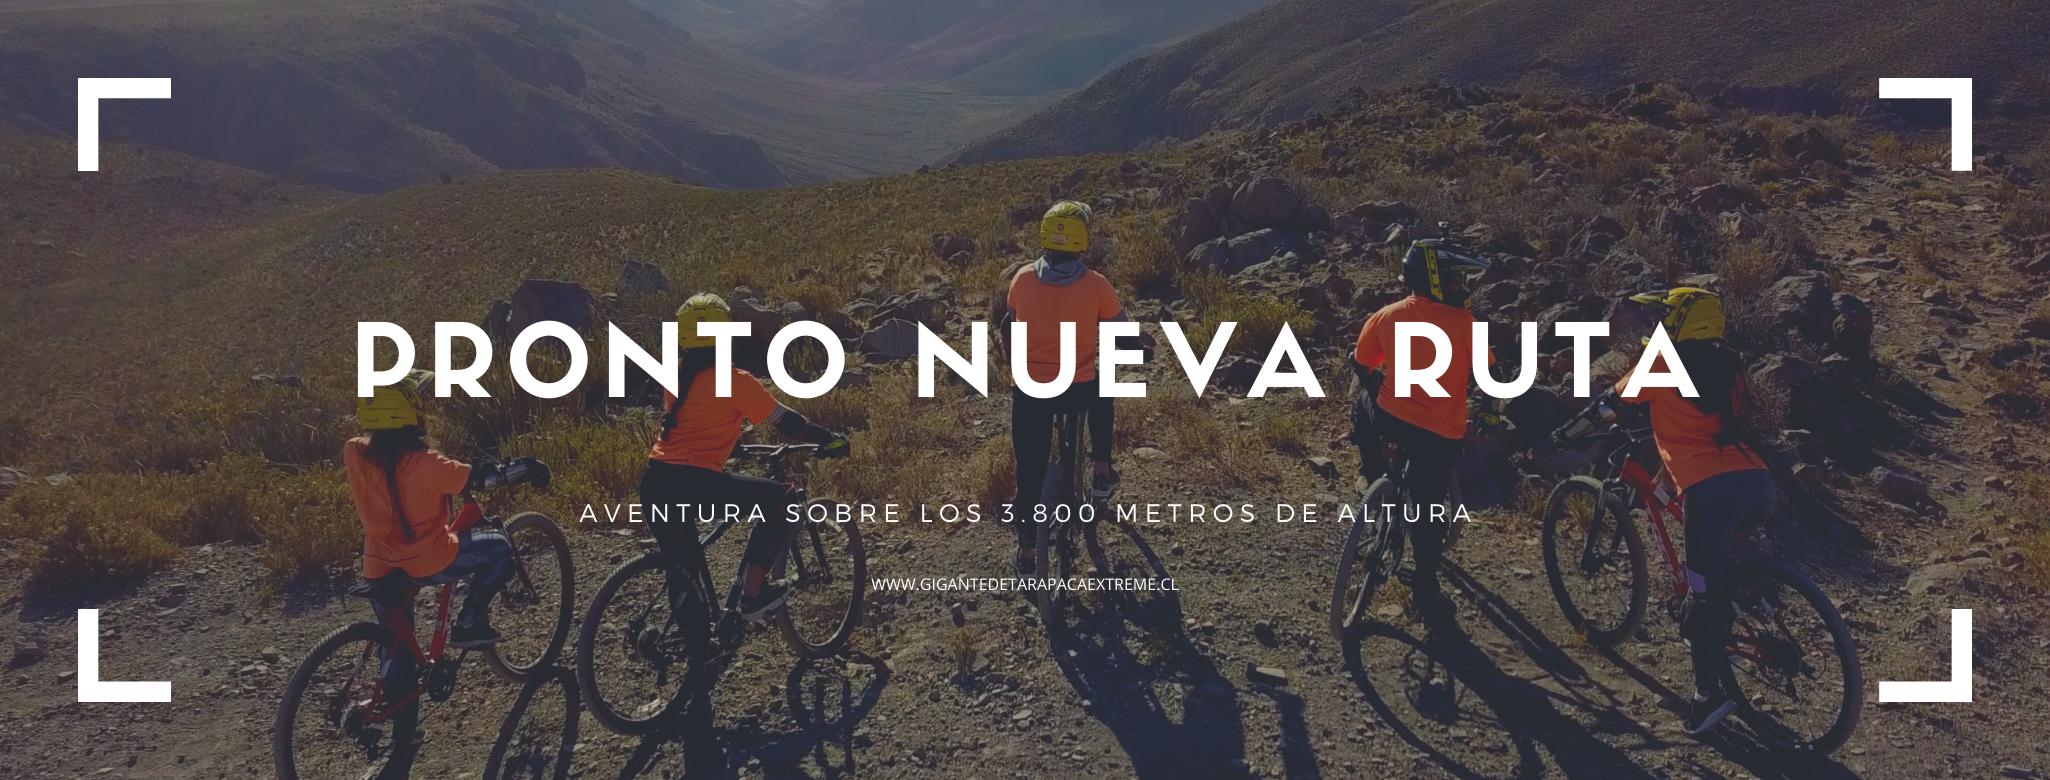 La nueva ruta de GIGANTE DE TARAPACA EXTREME